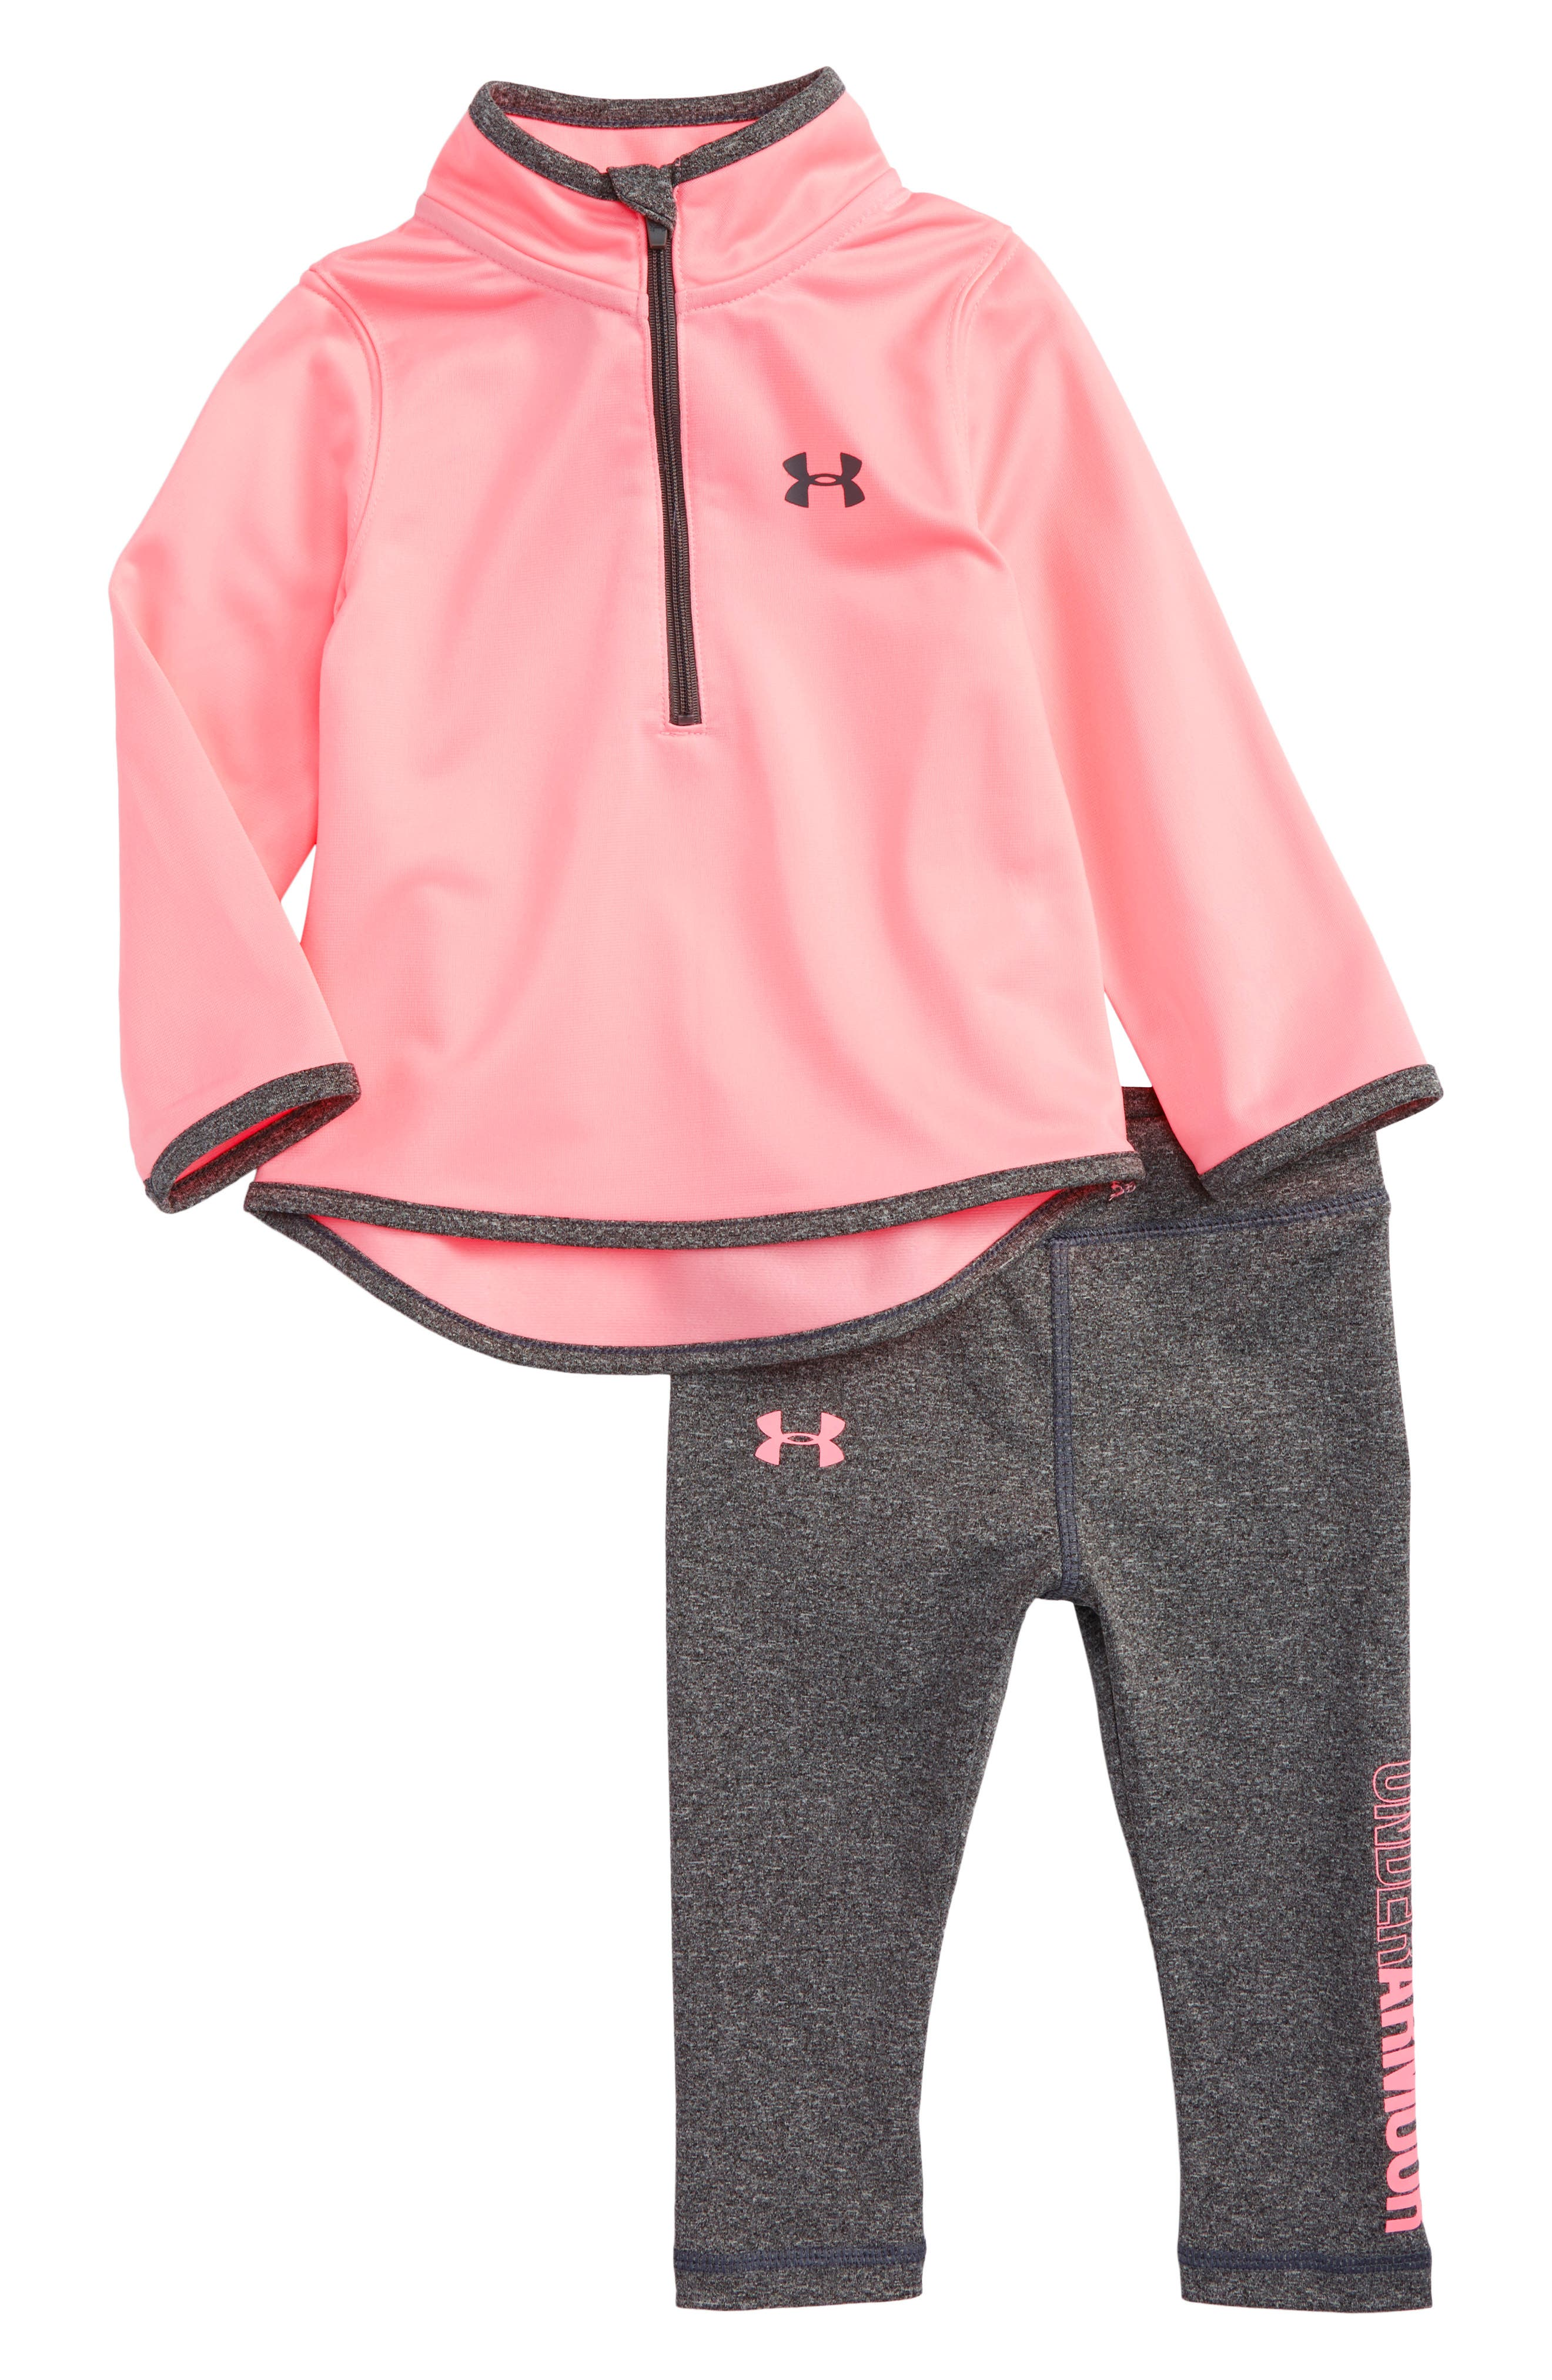 Under Armour Teamster Half-Zip Track Jacket & Leggings Set (Baby Girls)